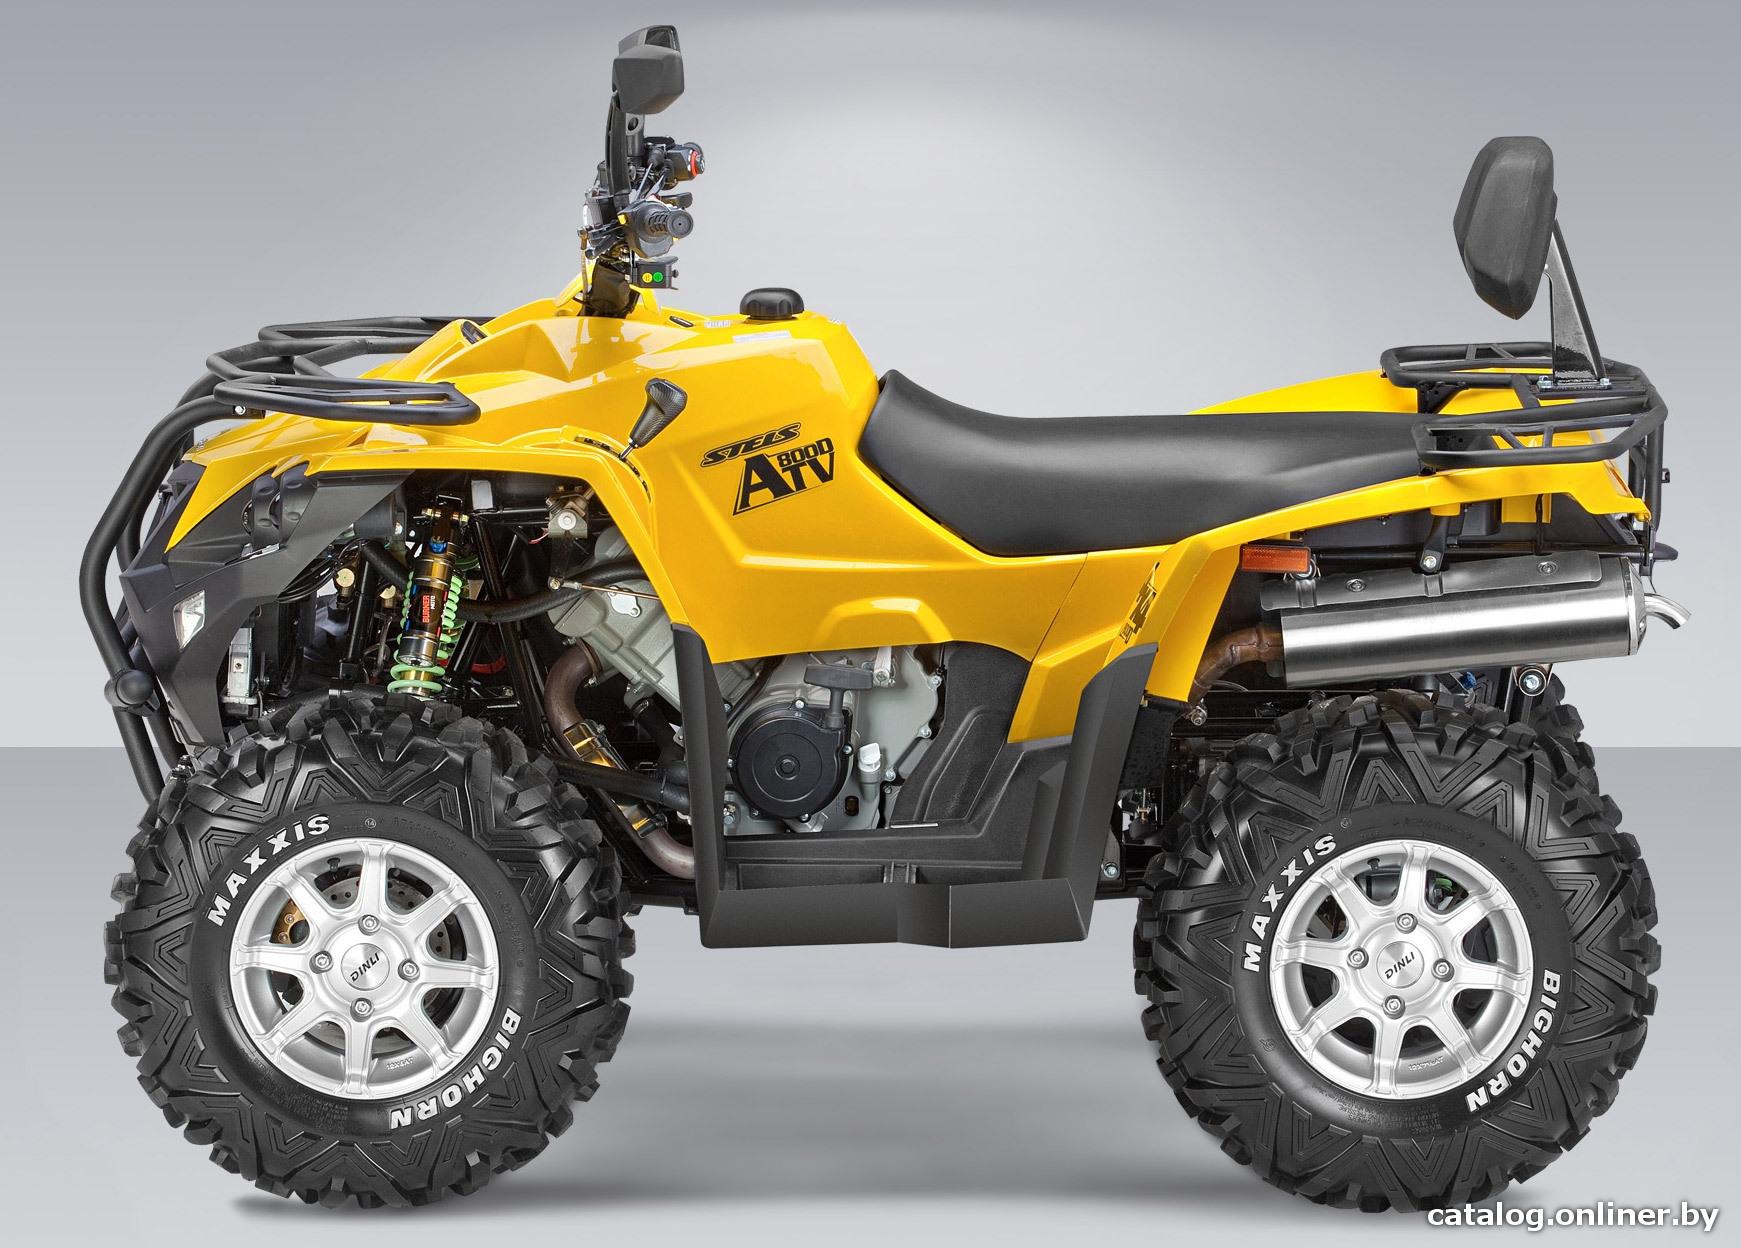 Квадроцикл Stels ATV 800 EFI.  Фото 0.